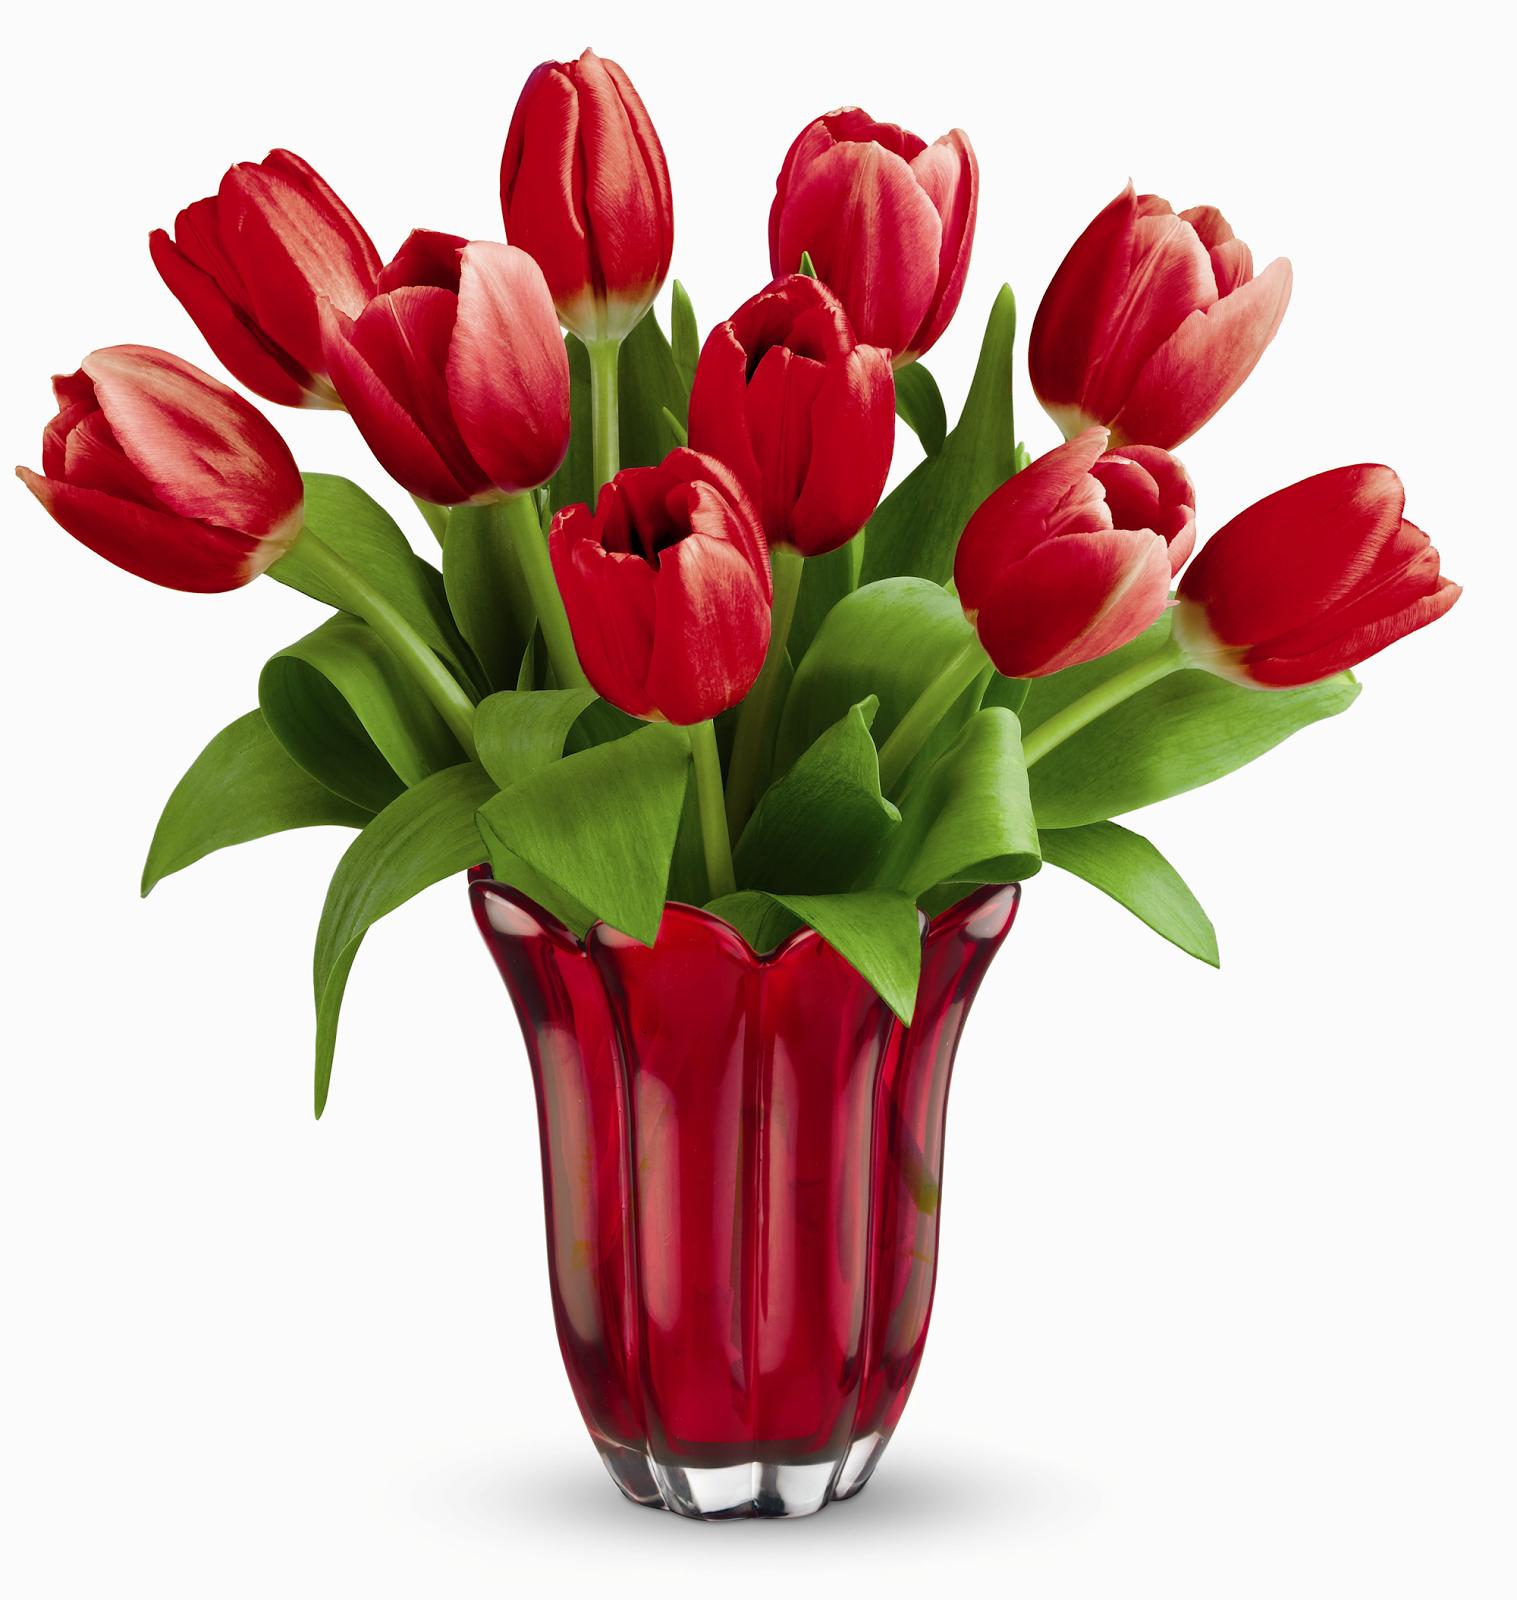 PNG HD Vase Of Flowers - 147196